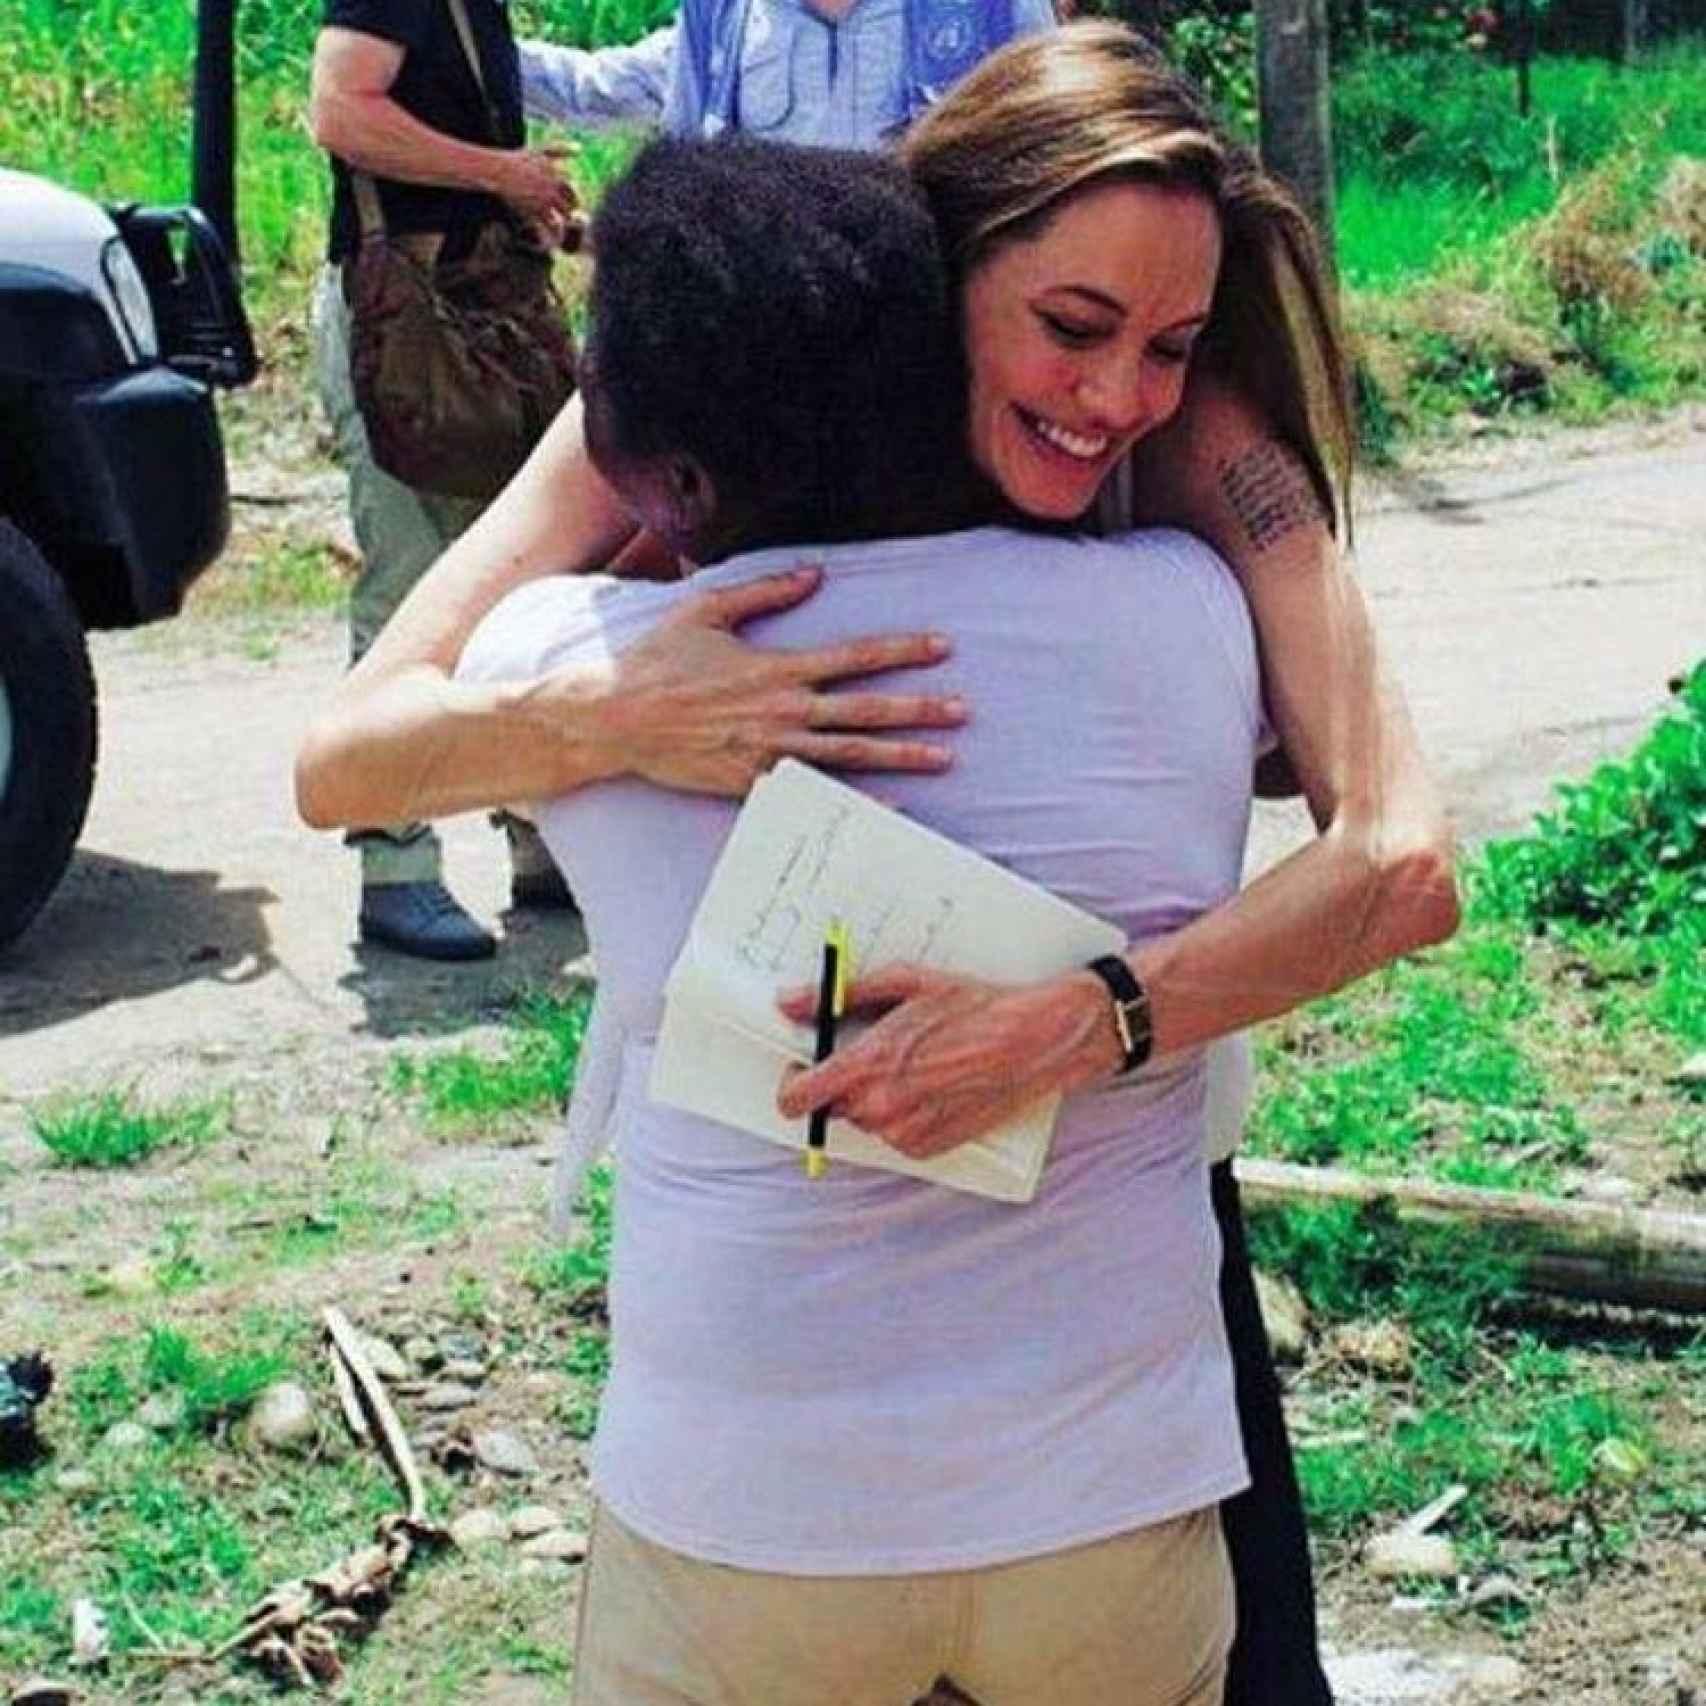 La actriz Angelina Jolie en su labor en la ONU